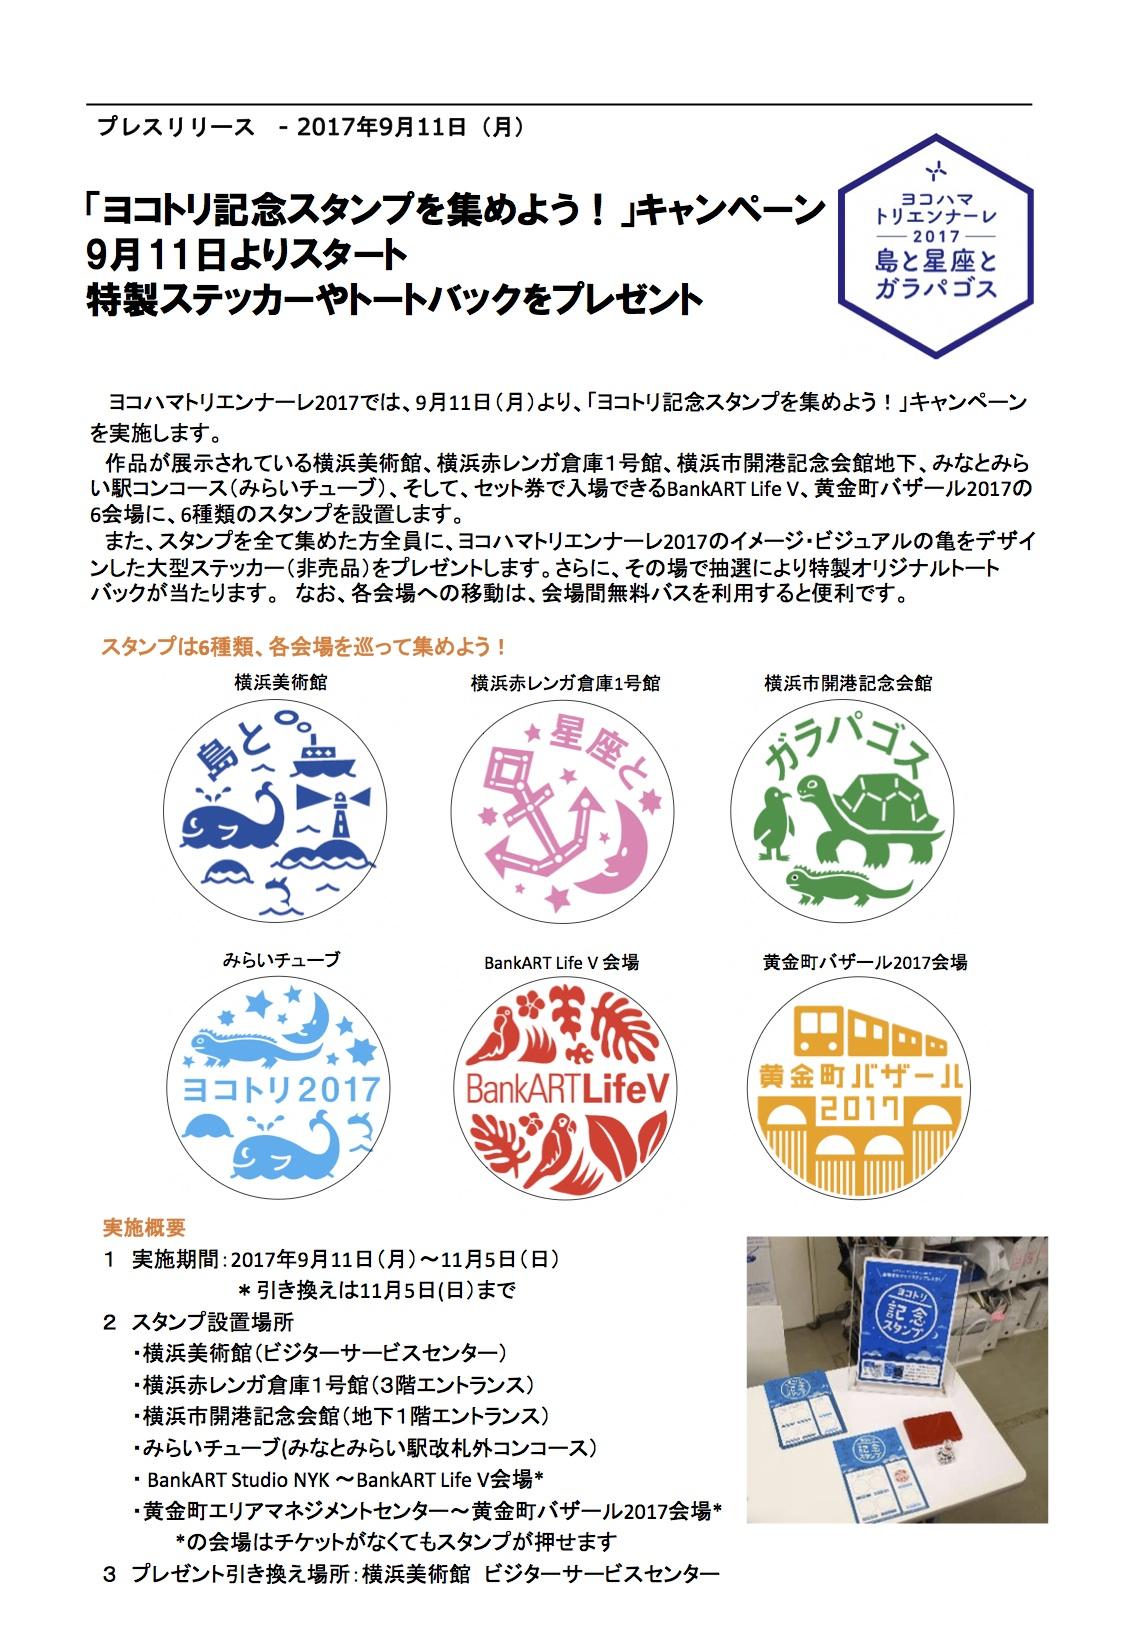 「ヨコトリ記念スタンプを集めよう!」キャンペーン9月11日よりスタート 特製ステッカーやトートバックをプレゼント